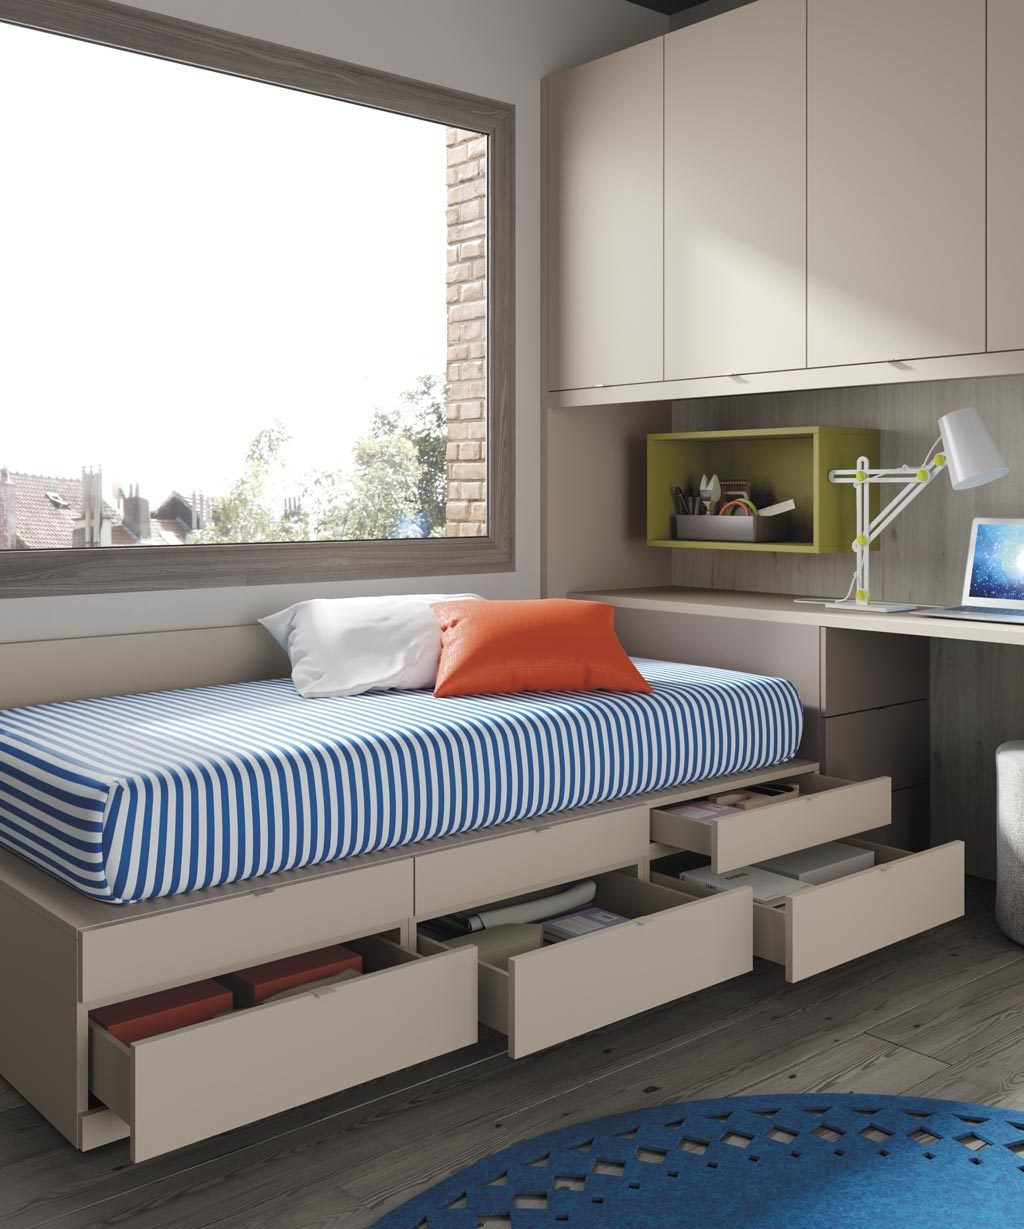 Detalle de los cajones de diferente tamaño de la cama compacta